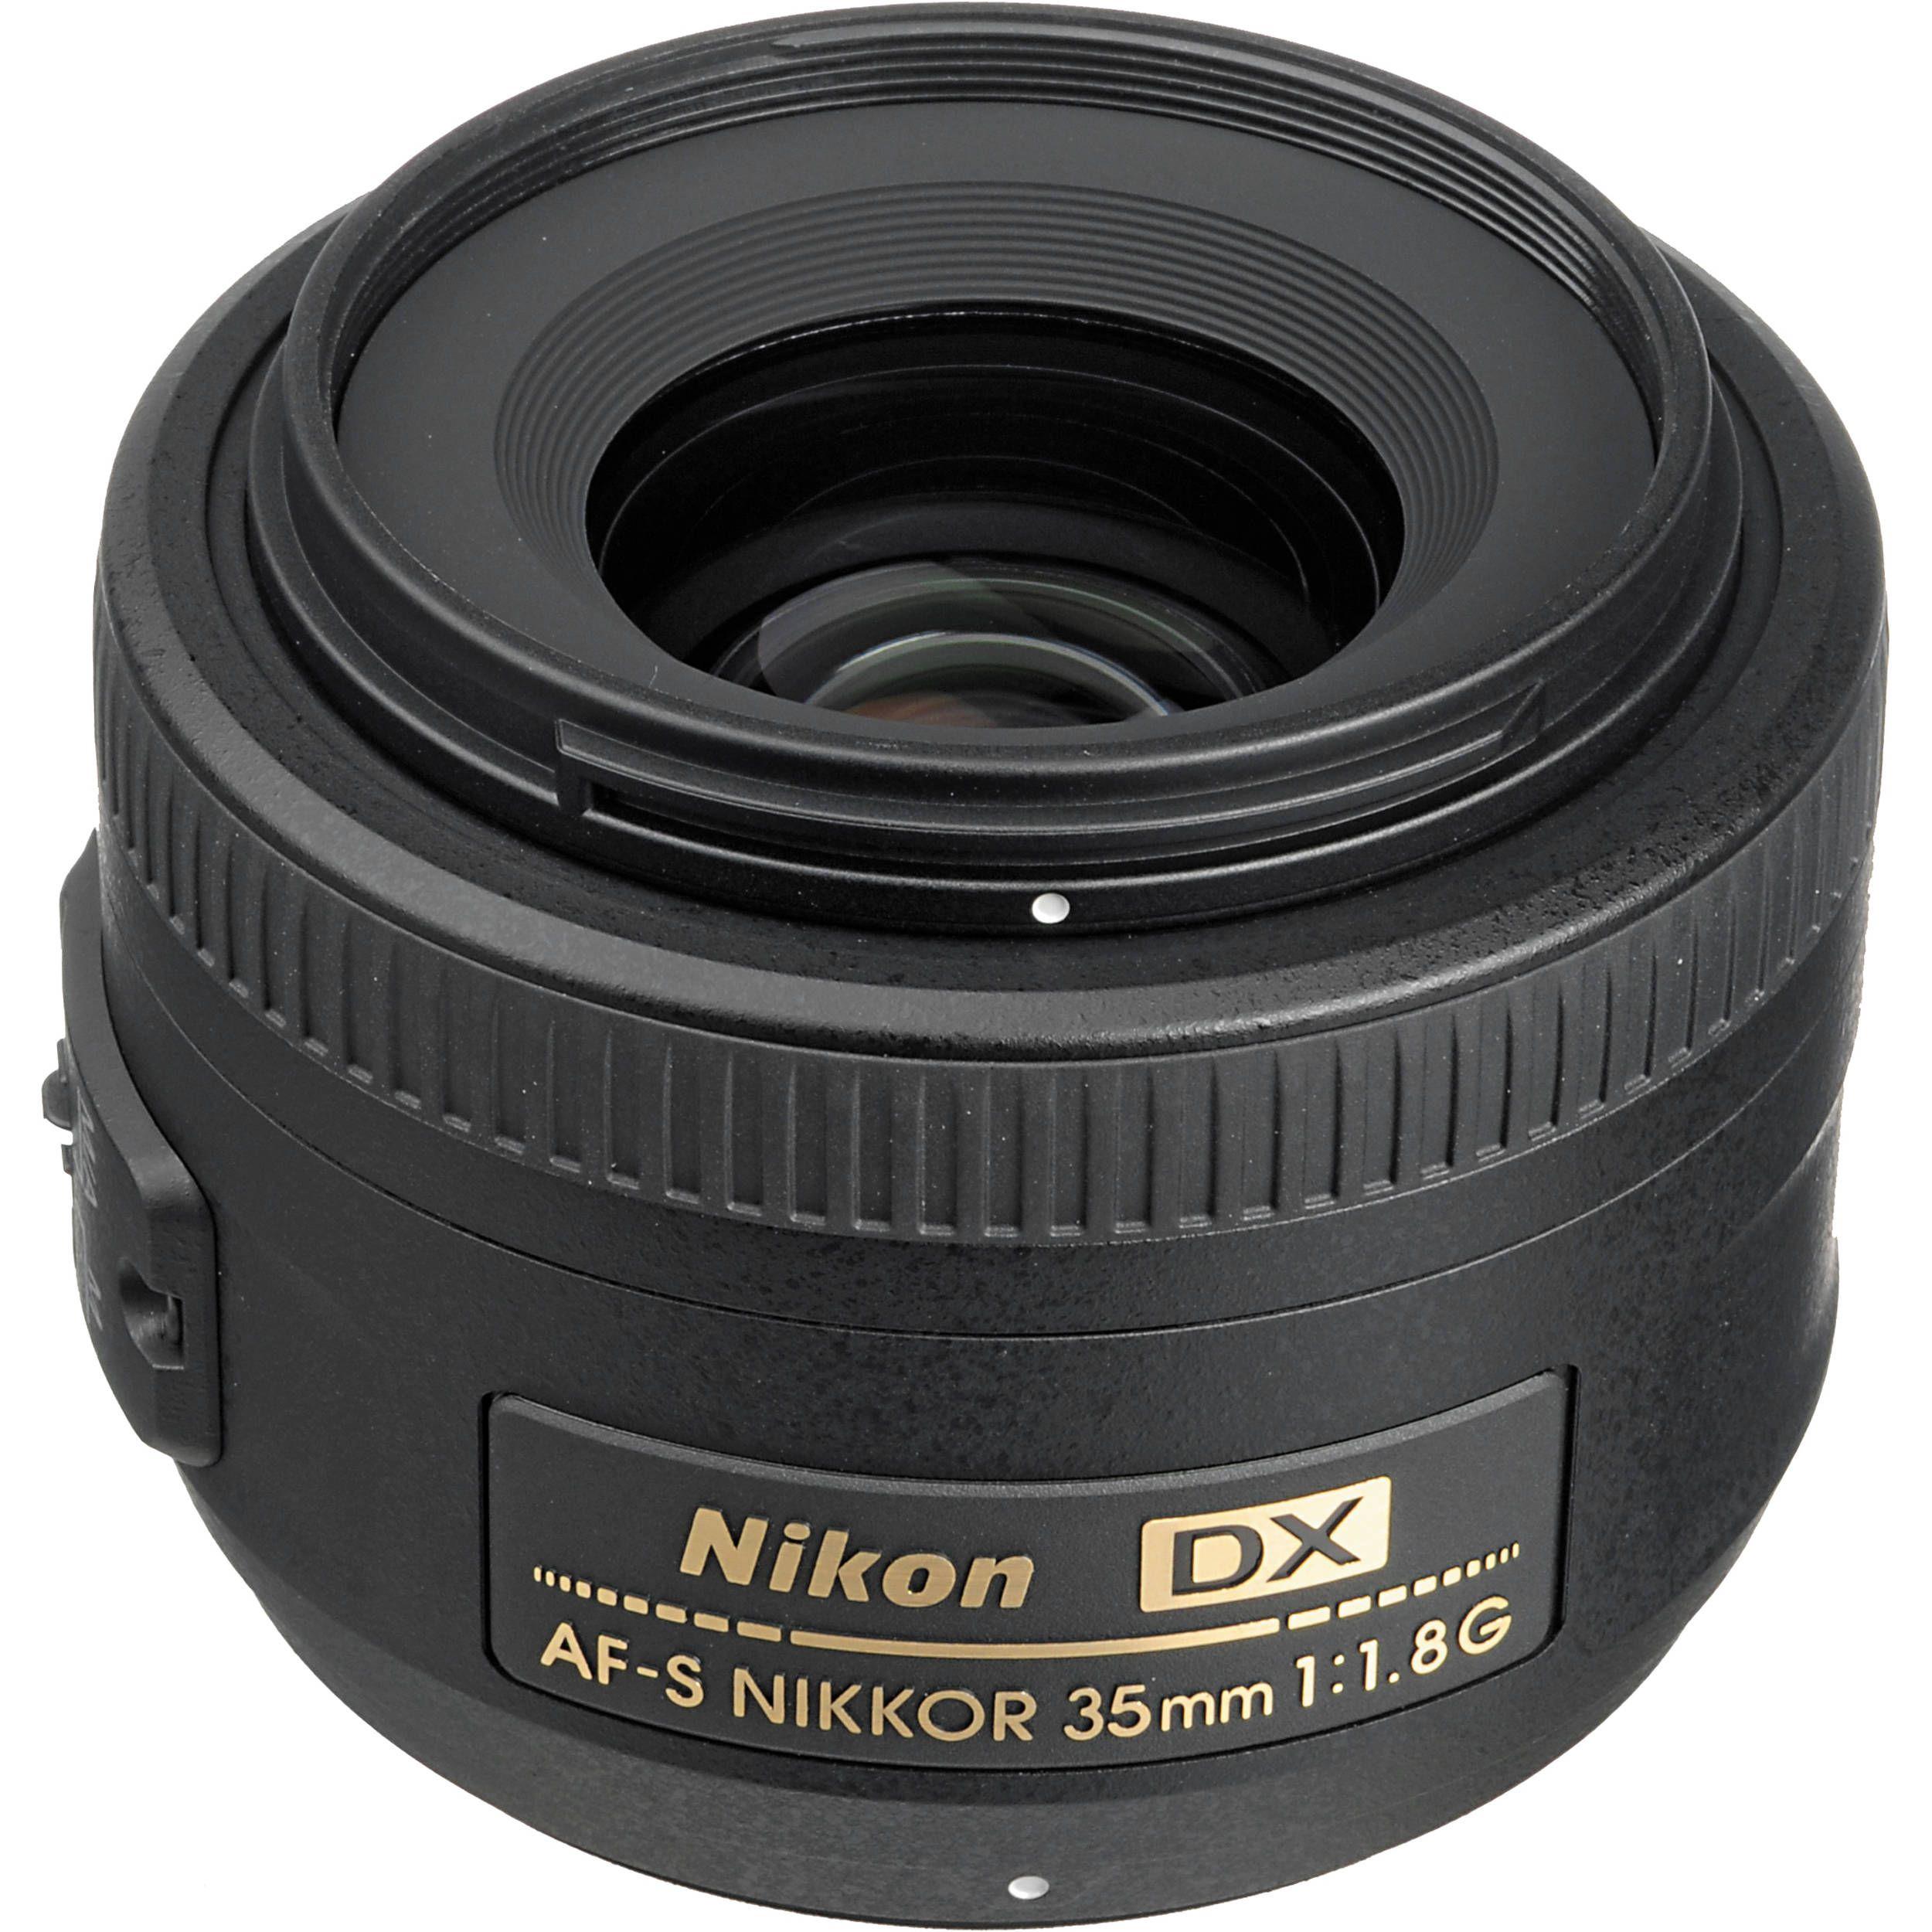 Nikon Af S Dx Nikkor 35mm F 1 8g Lens Nikon 35mm Digital Camera Nikon Digital Slr